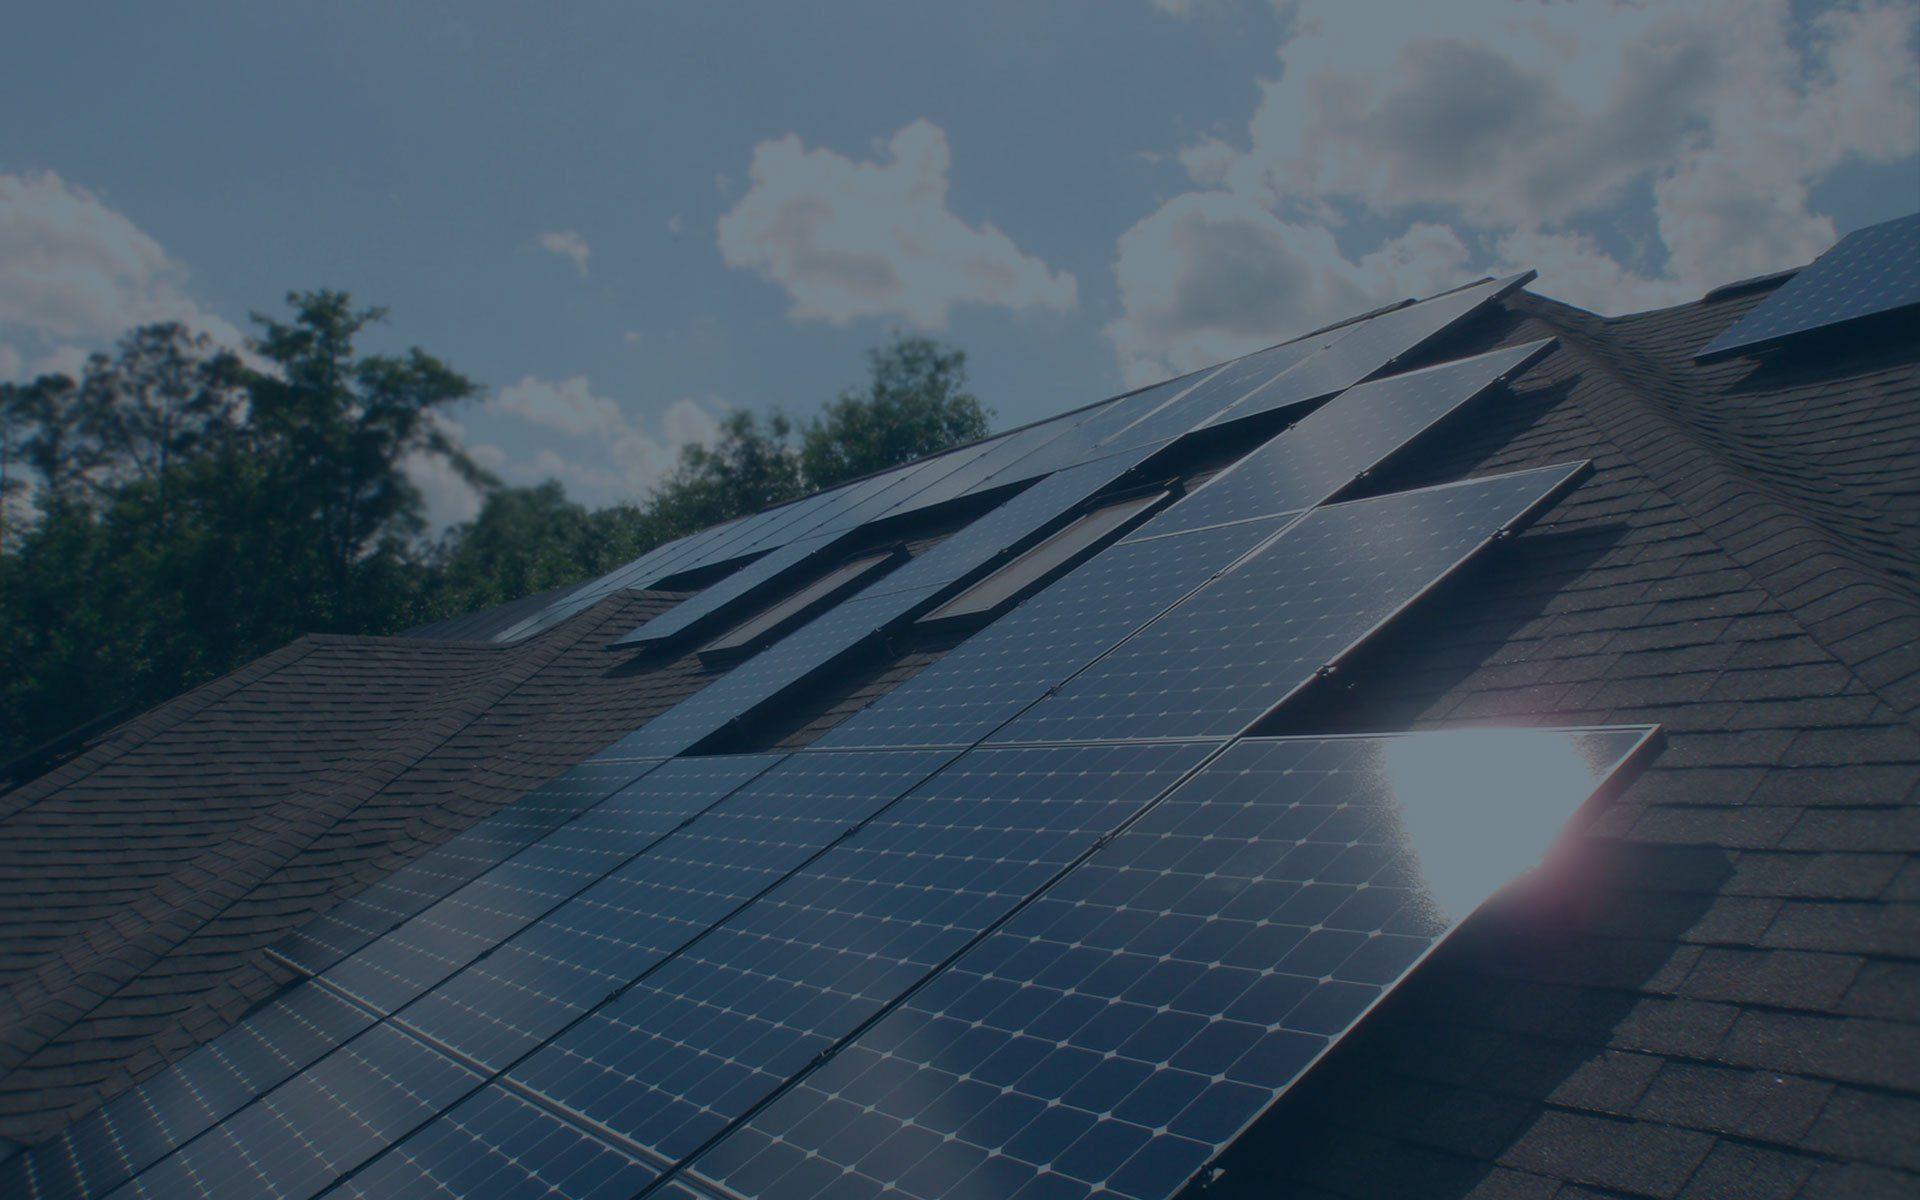 تكلفة تركيب الواح الطاقة الشمسية في الجزائر Backstage